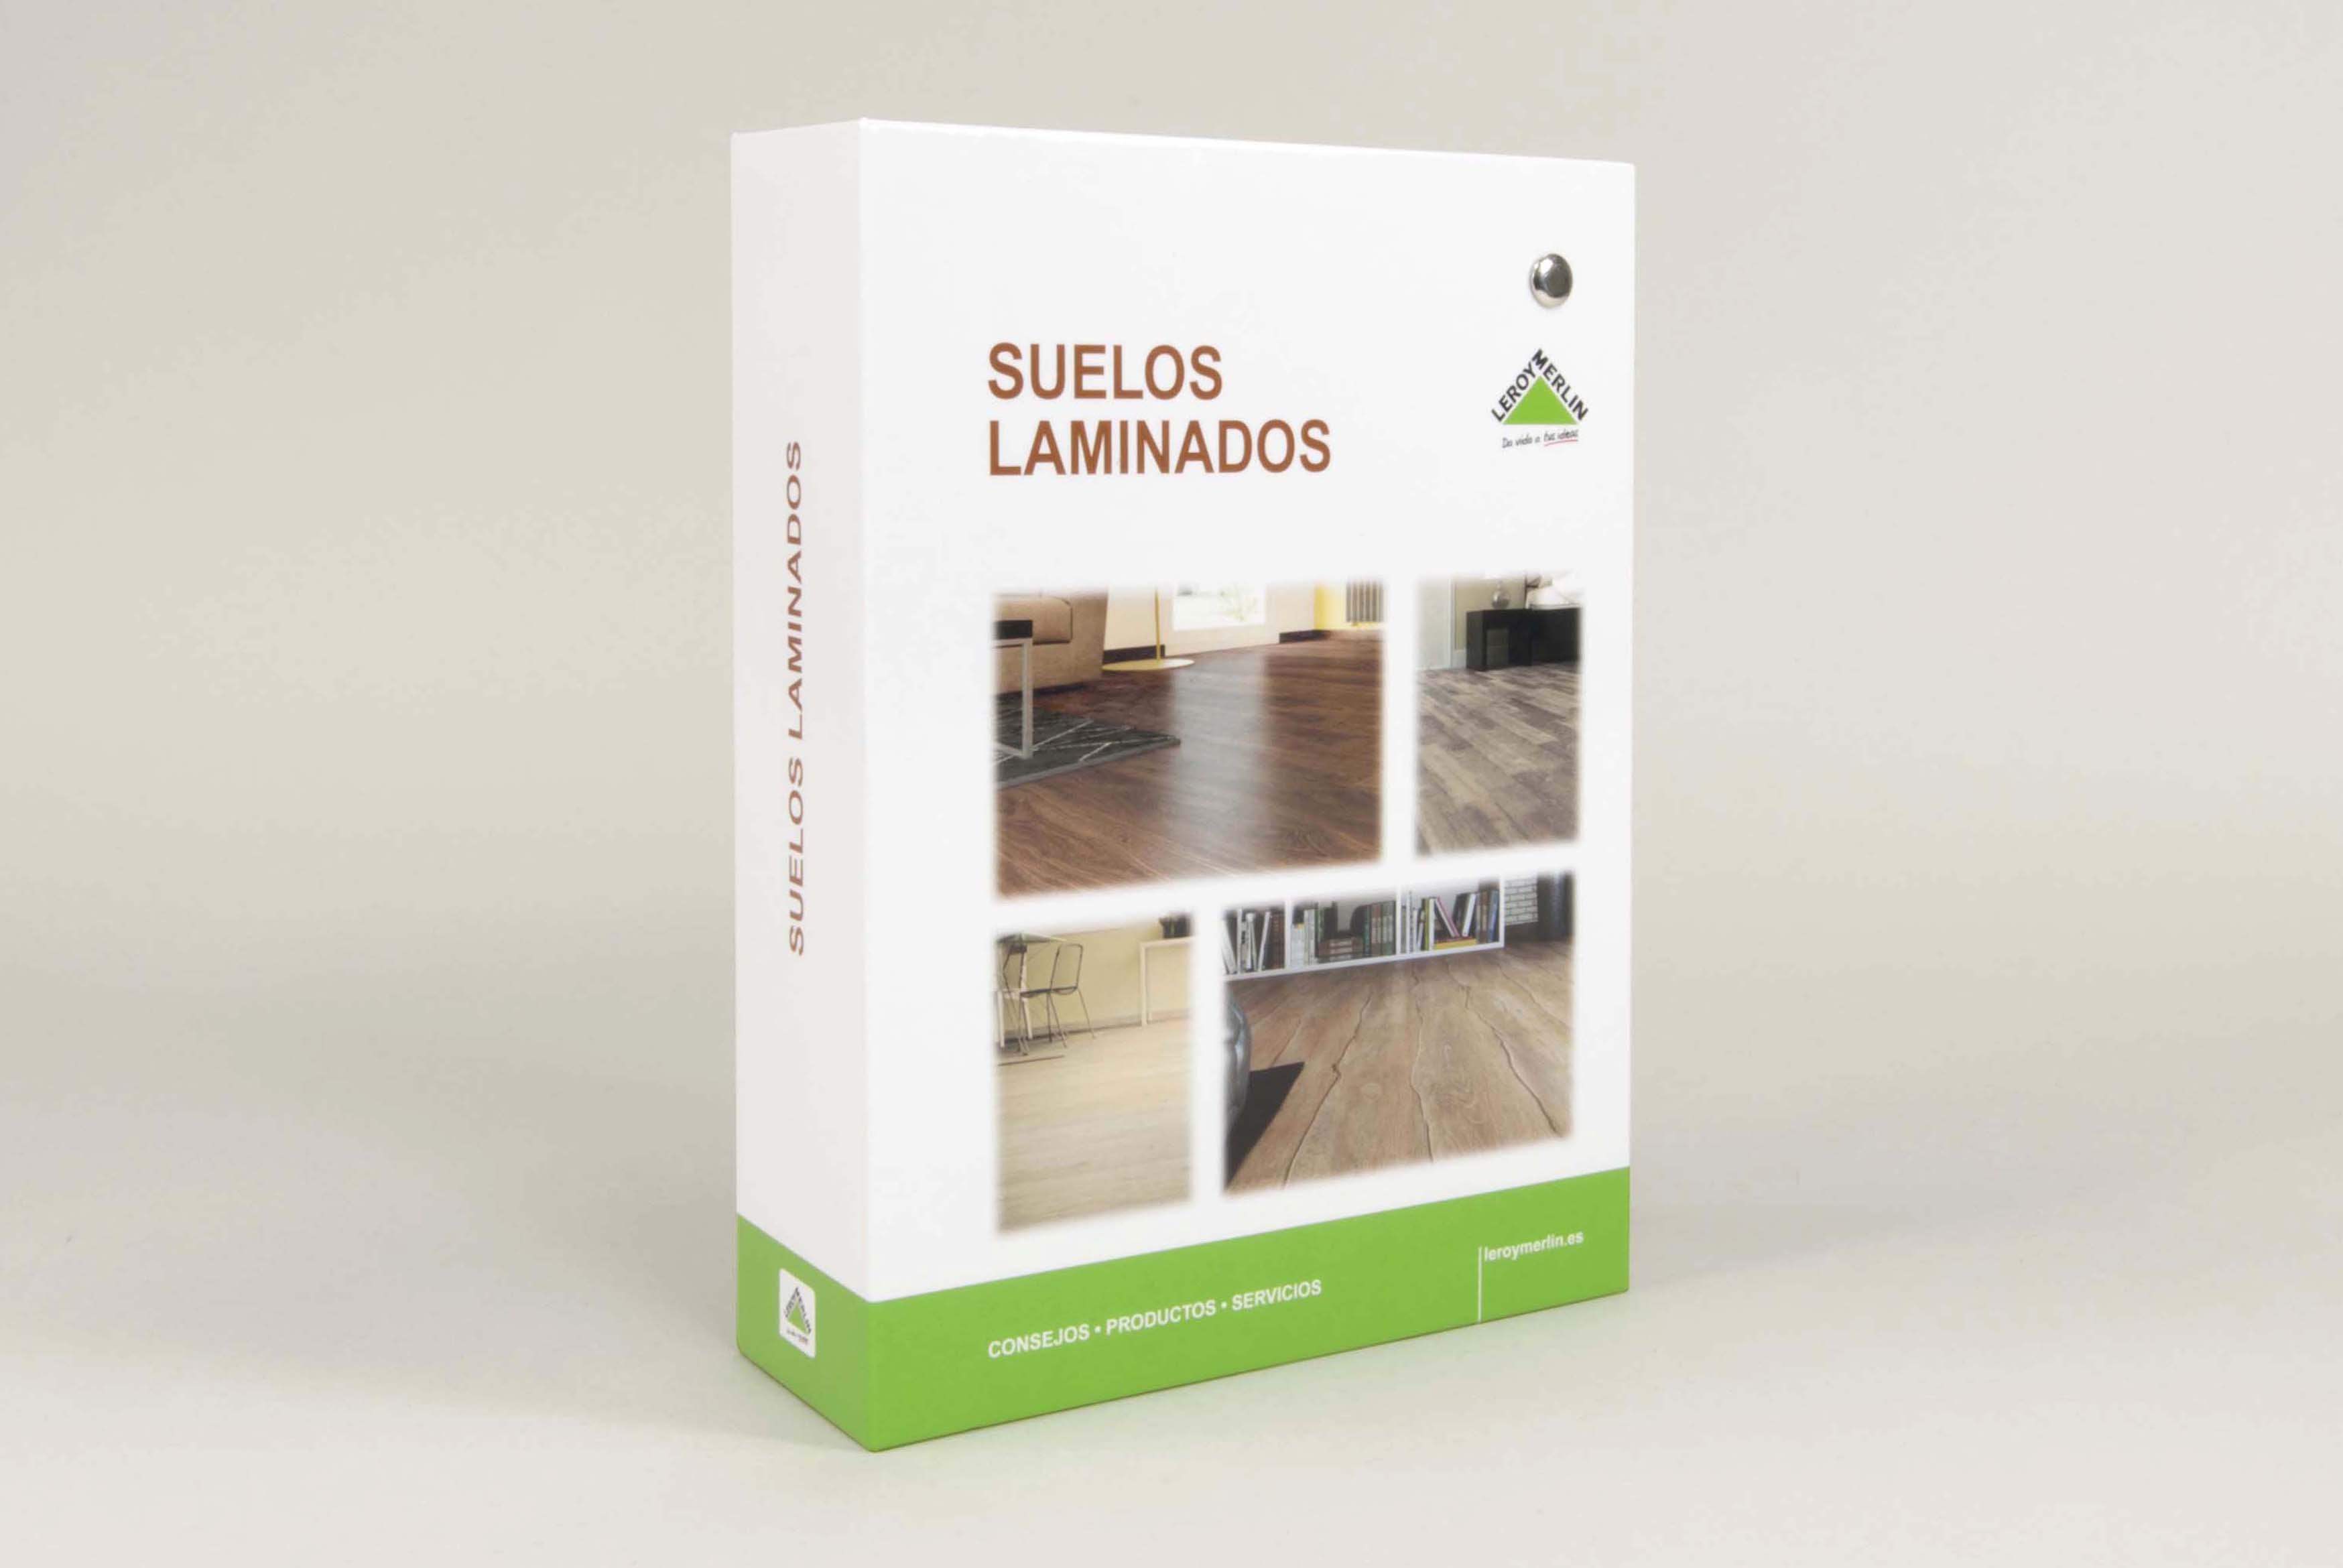 Suelos leroy merlin catalogo excellent suelos para pasos con distintas texturas materiales y - Suelos leroy merlin catalogo ...